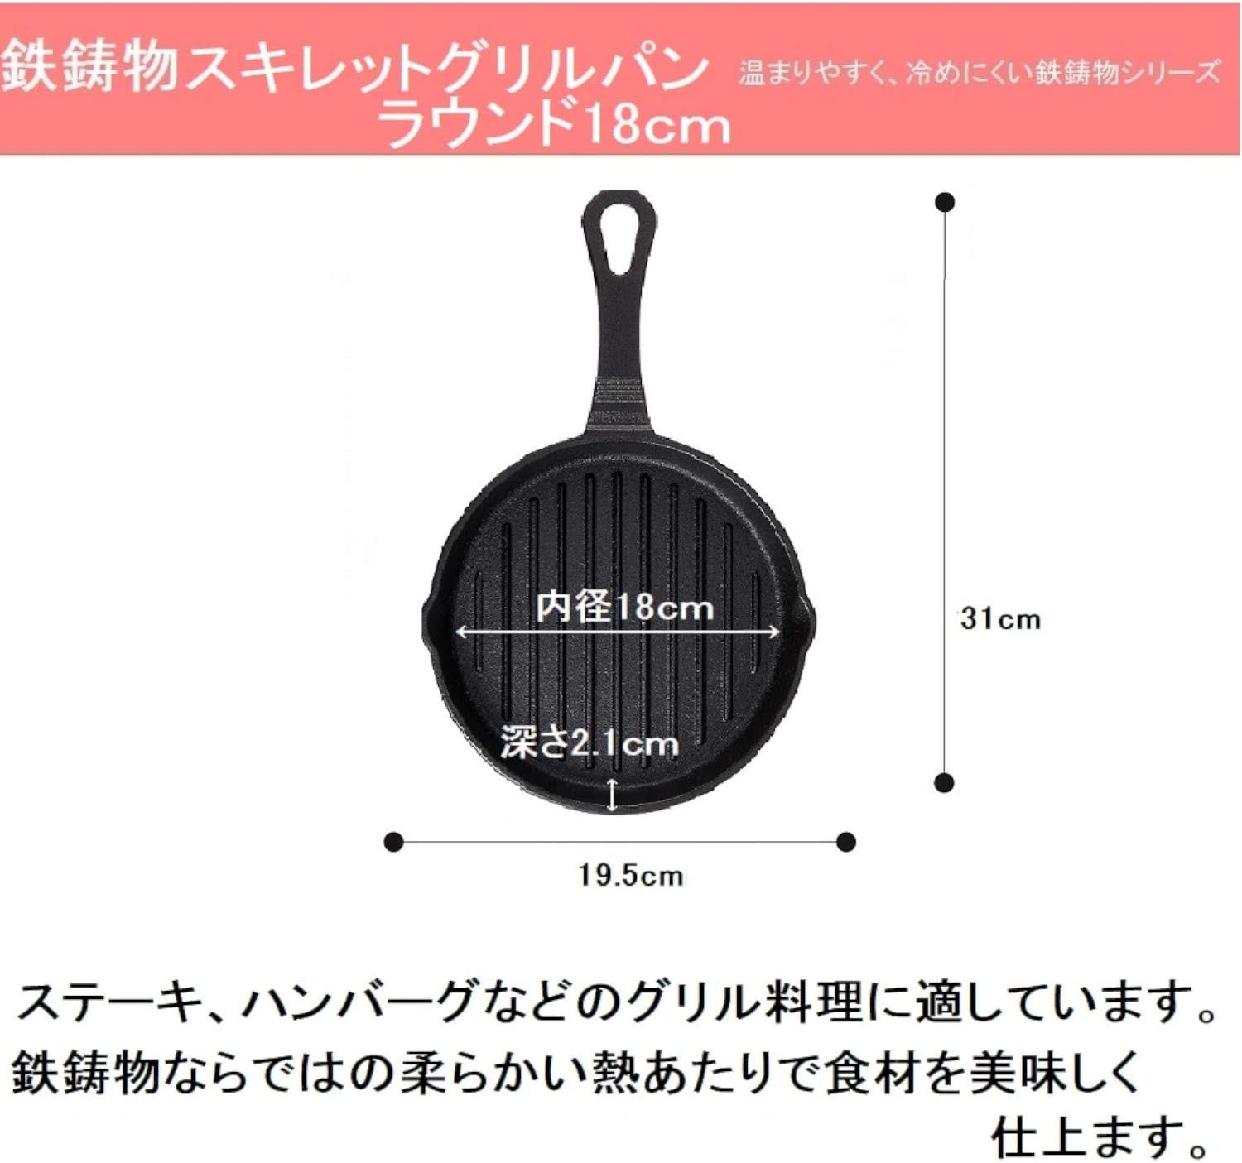 イシガキ産業 スキレット グリルパン 18cmの商品画像4